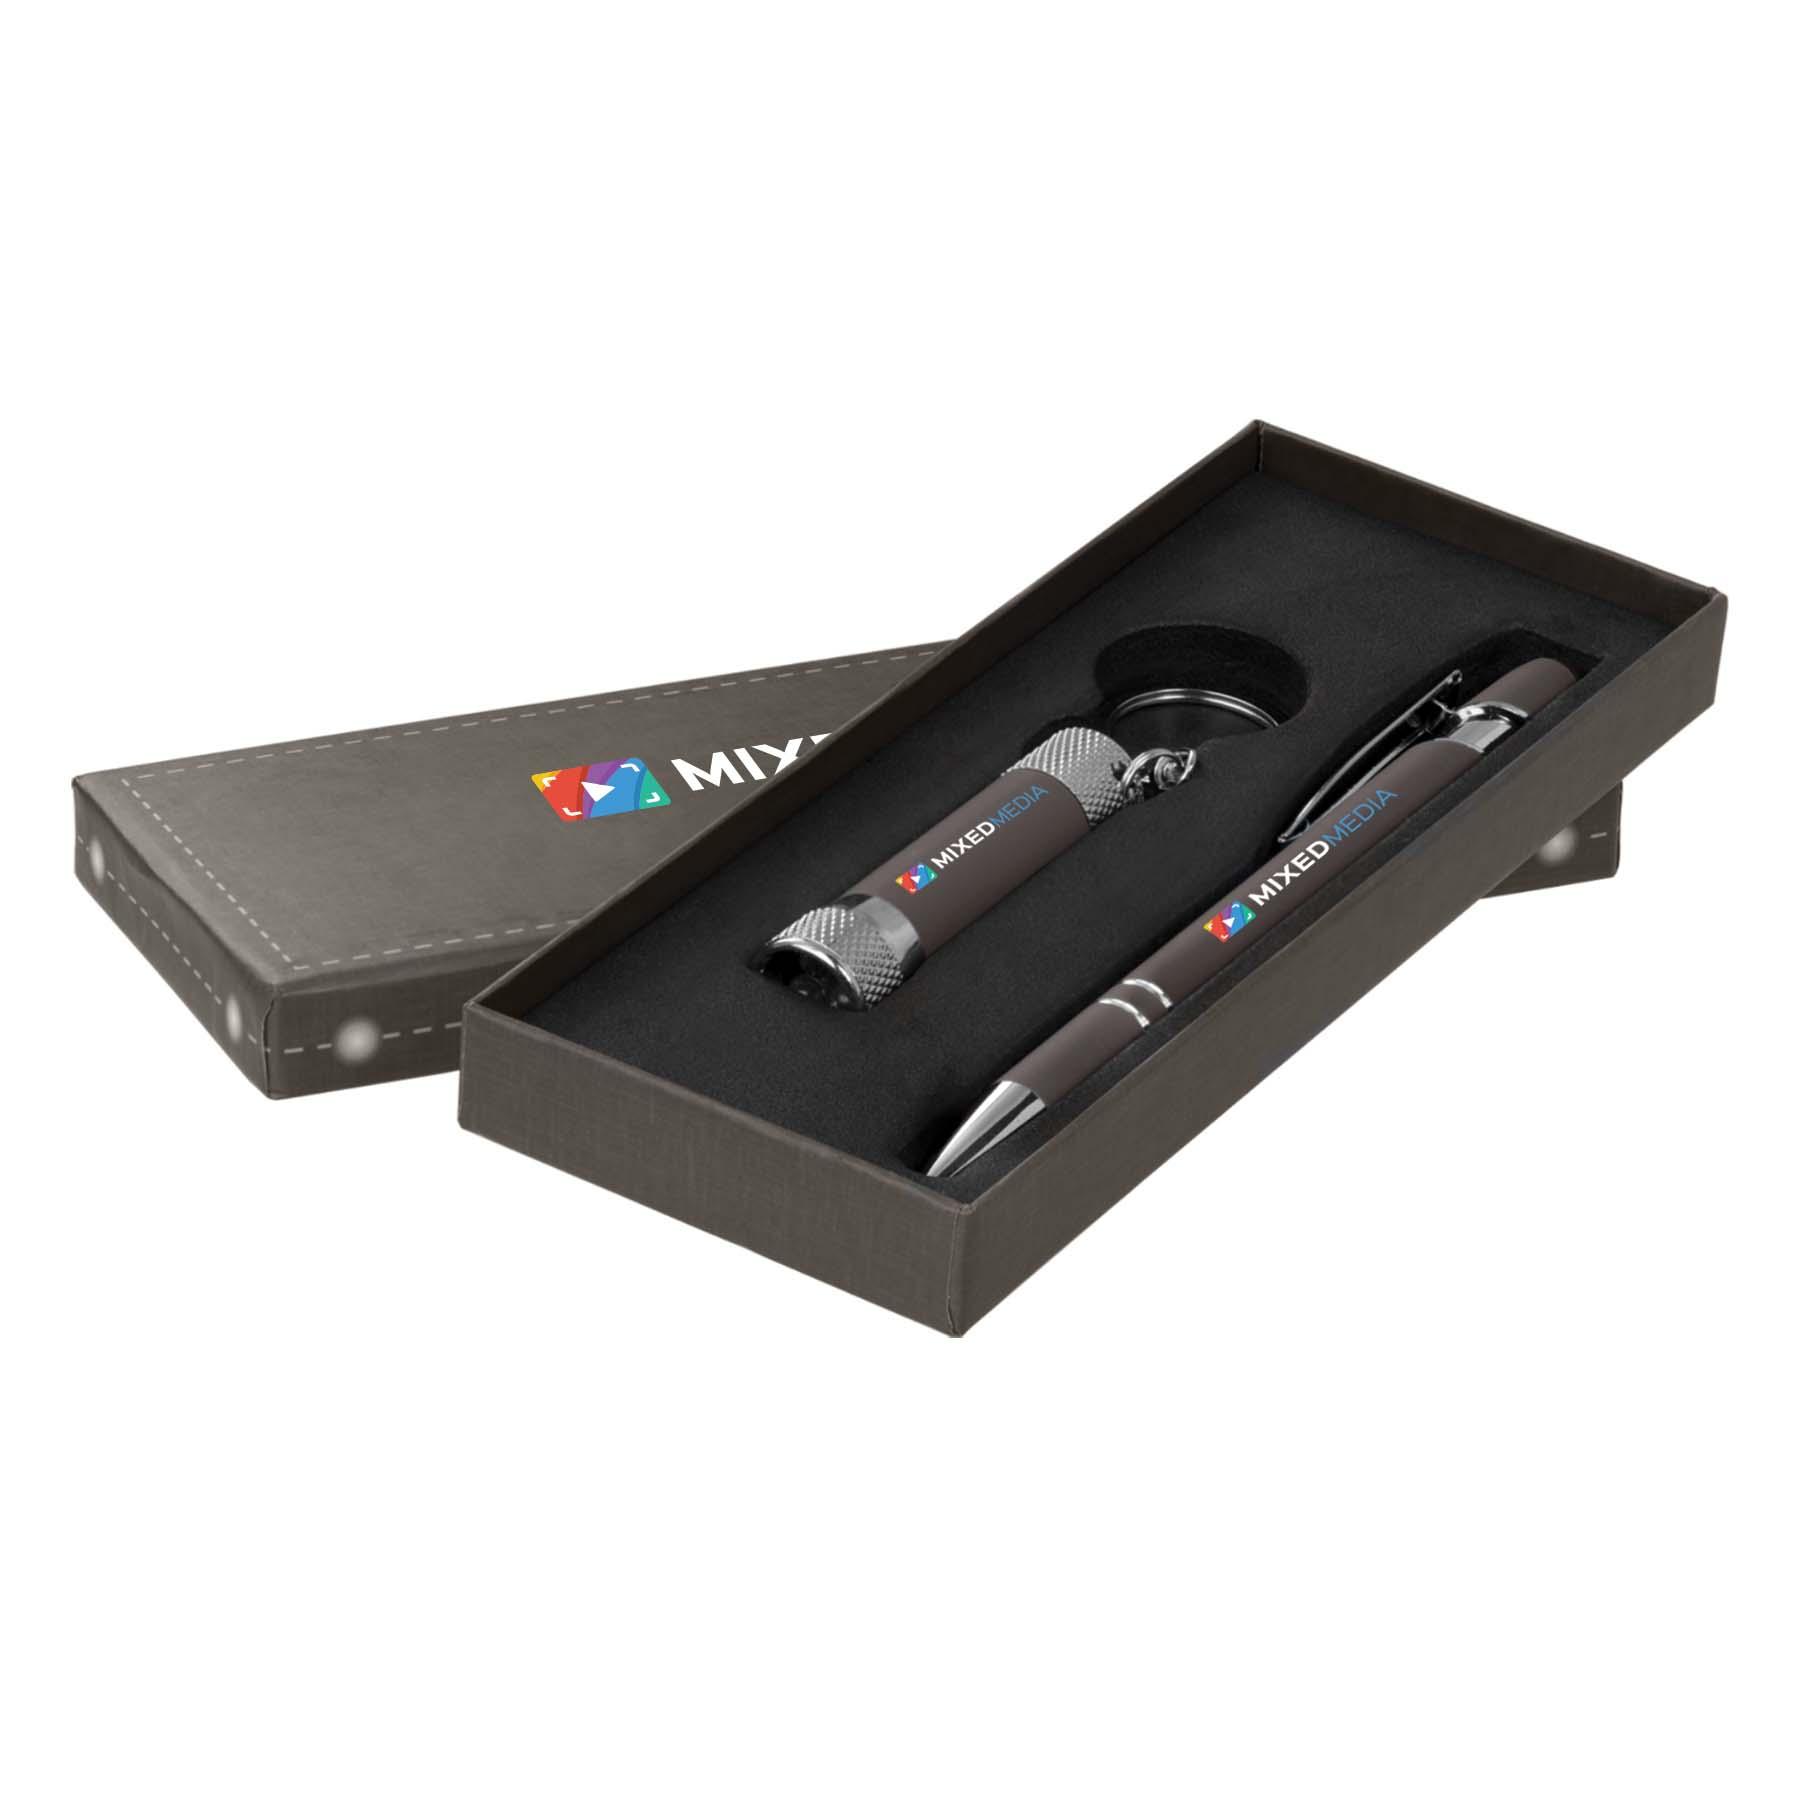 Prince & McQueen coffret cadeau avec Full colour Box, Objet personnalisable, comité social économique